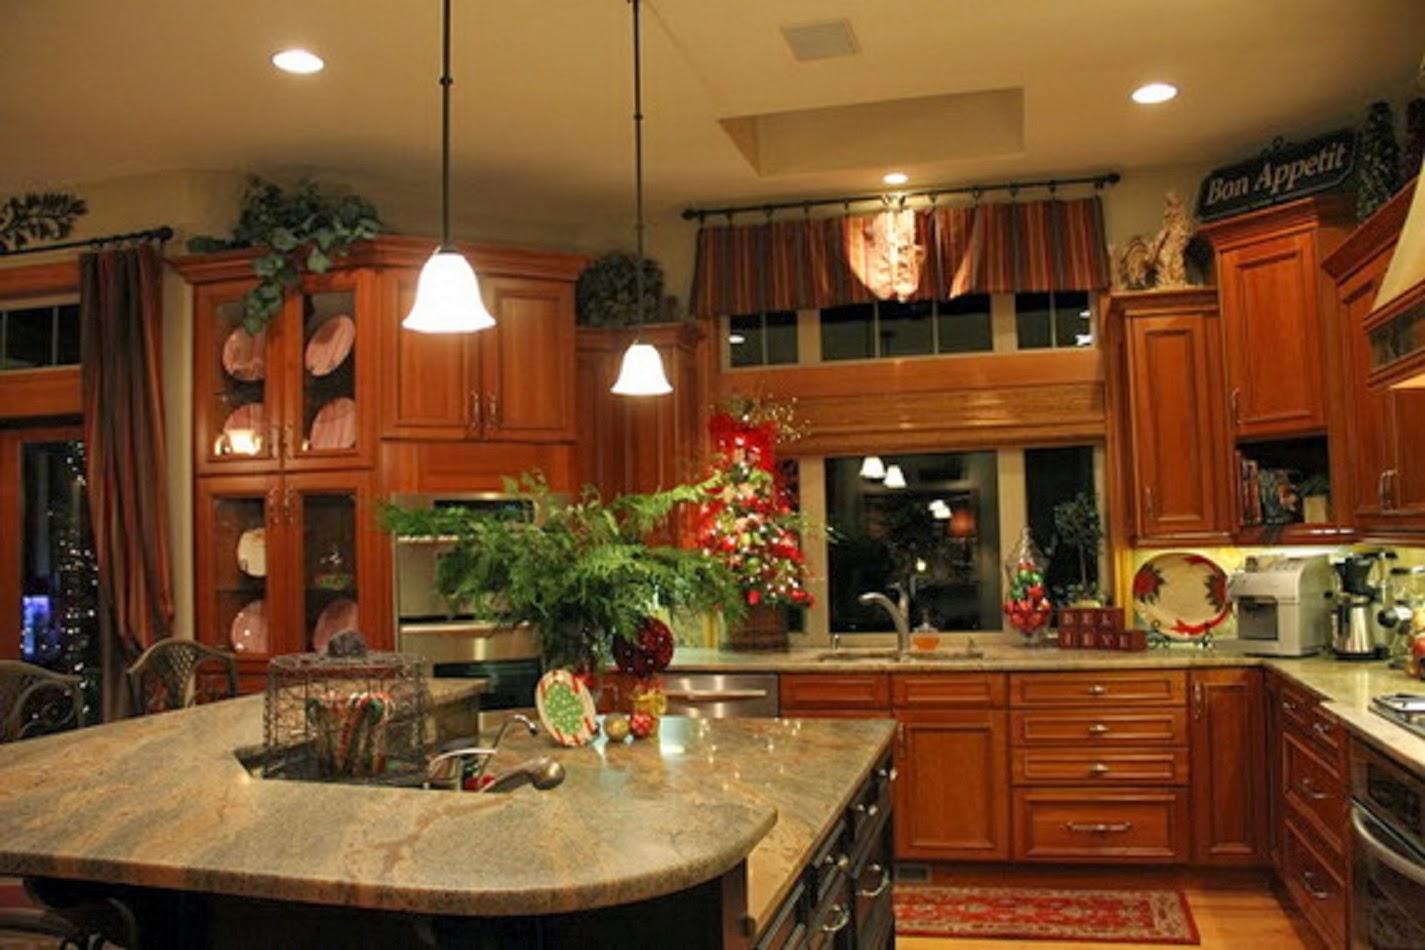 decorative kitchen decor.htm 44   unique kitchen wallpaper on wallpapersafari  unique kitchen wallpaper on wallpapersafari